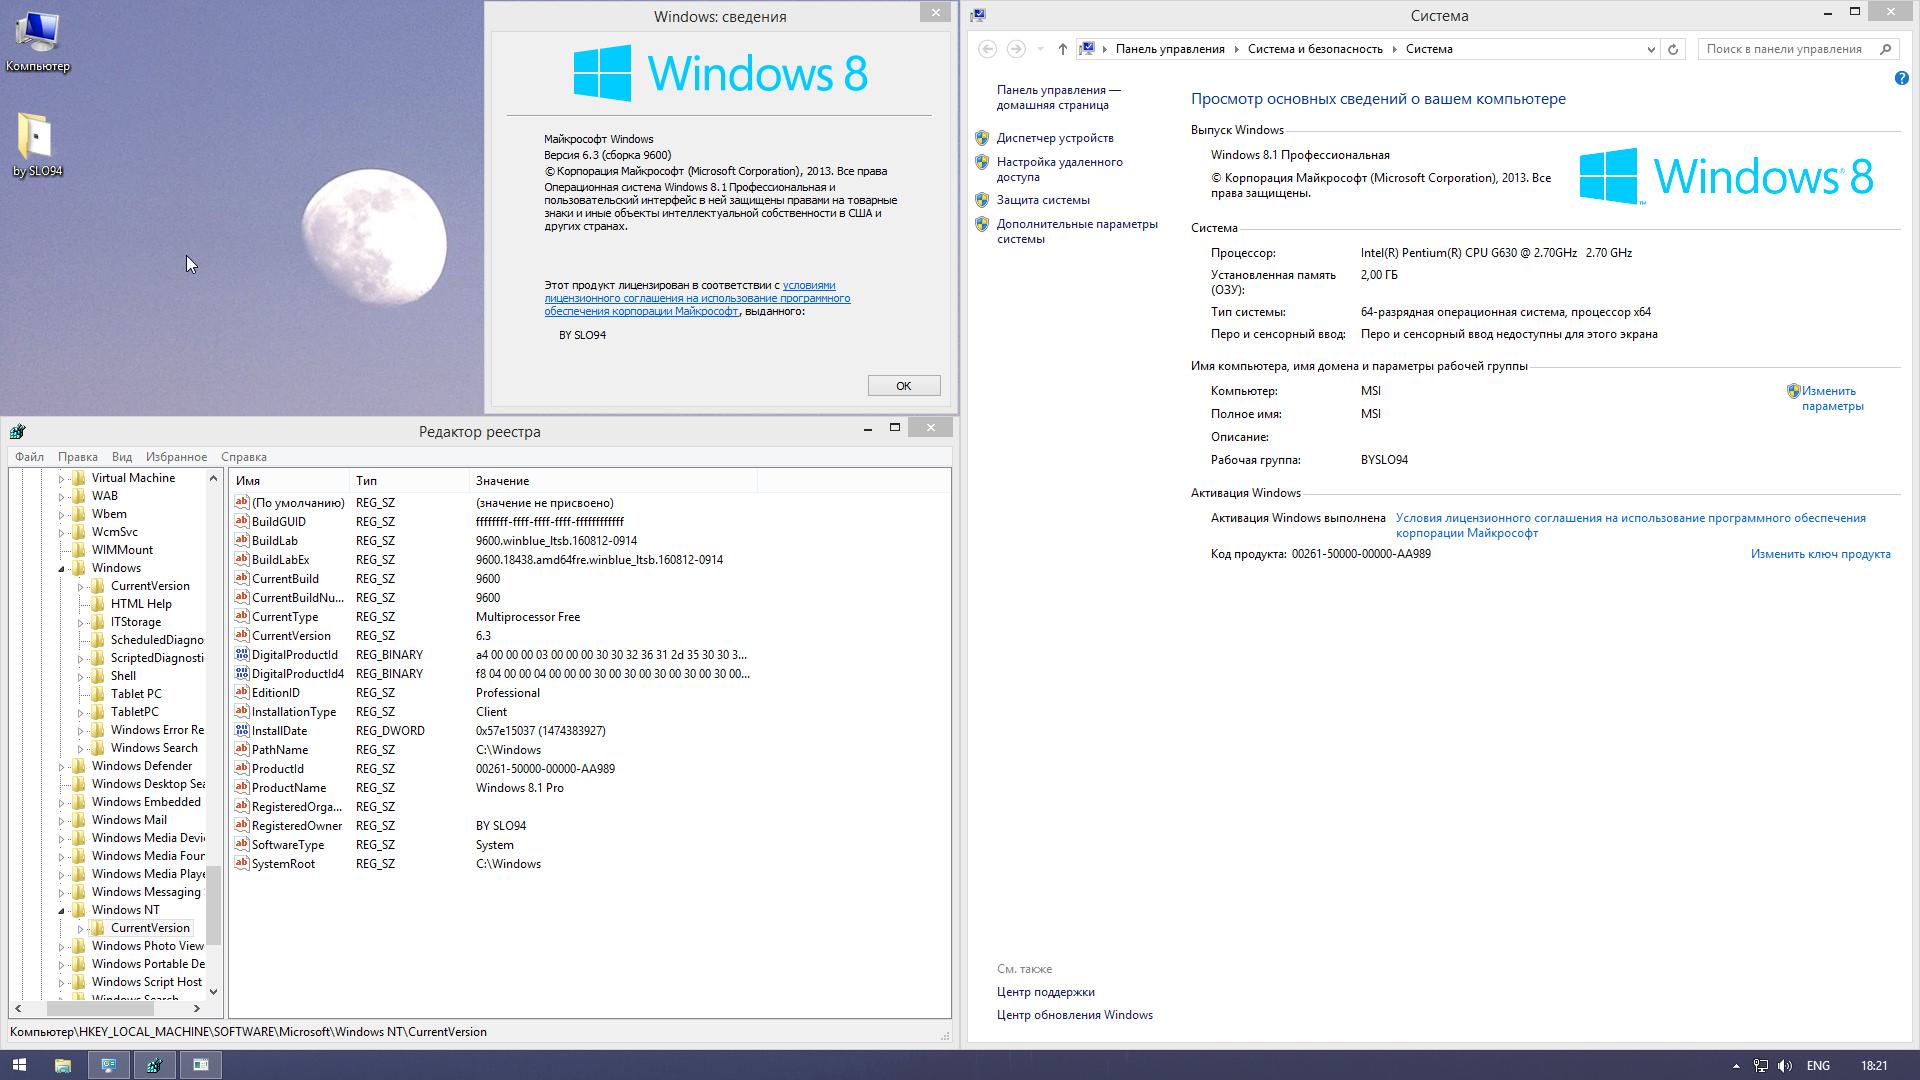 Directx 11 Windows 8.1 X64 скачать